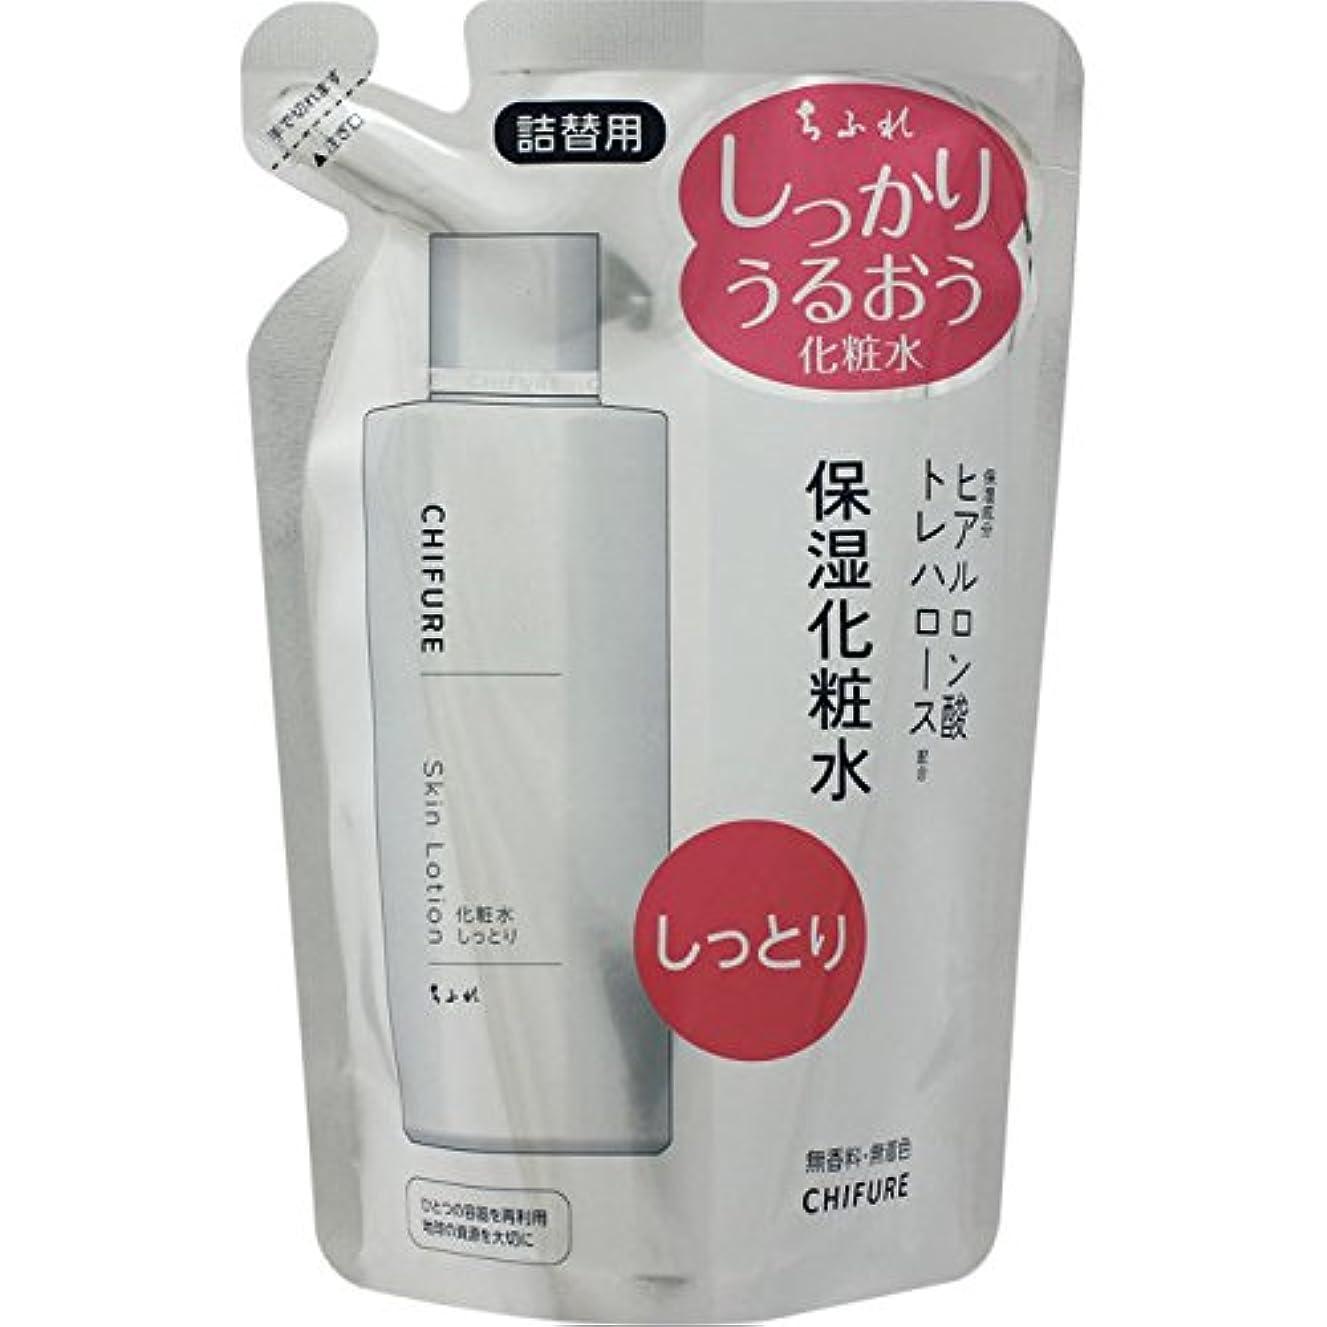 未就学誇張エクステントちふれ化粧品 化粧水 しっとりタイプ N 詰替え用 150ml 150ML